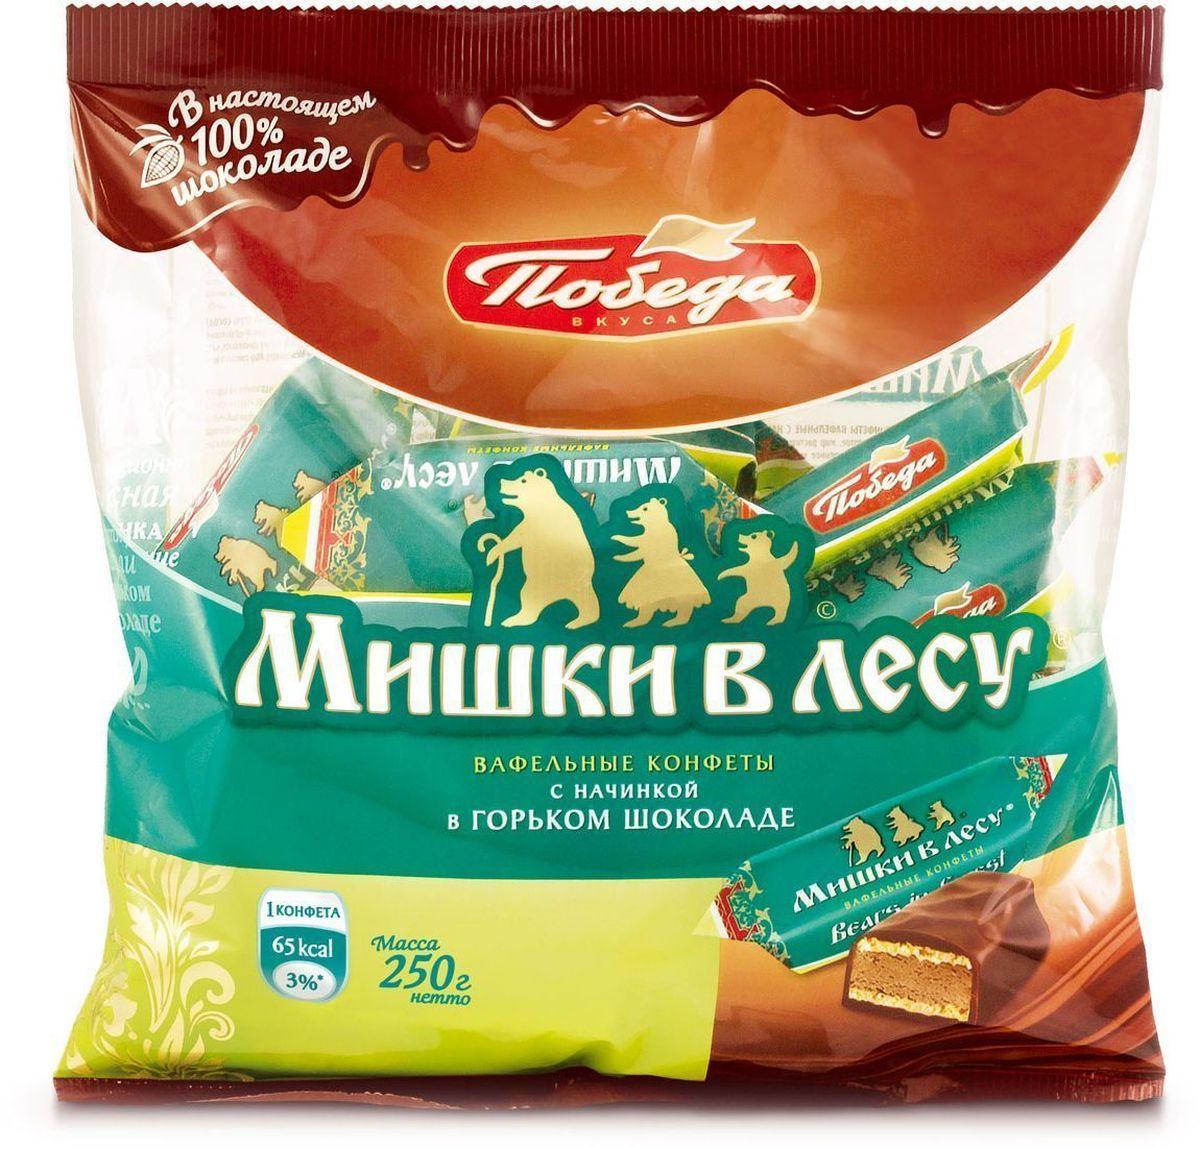 Победа вкуса Мишки в лесу вафельные конфеты с начинкой в горьком шоколаде (72%), 250 г391-R1Мягкая молочно-шоколадная начинка с хрустящей вафлей и карамелью в горьком шоколаде 72%. Новое прочтение традиционной рецептуры раскрывает богатство композиции и придает оригинальность вкусовым оттенкам.